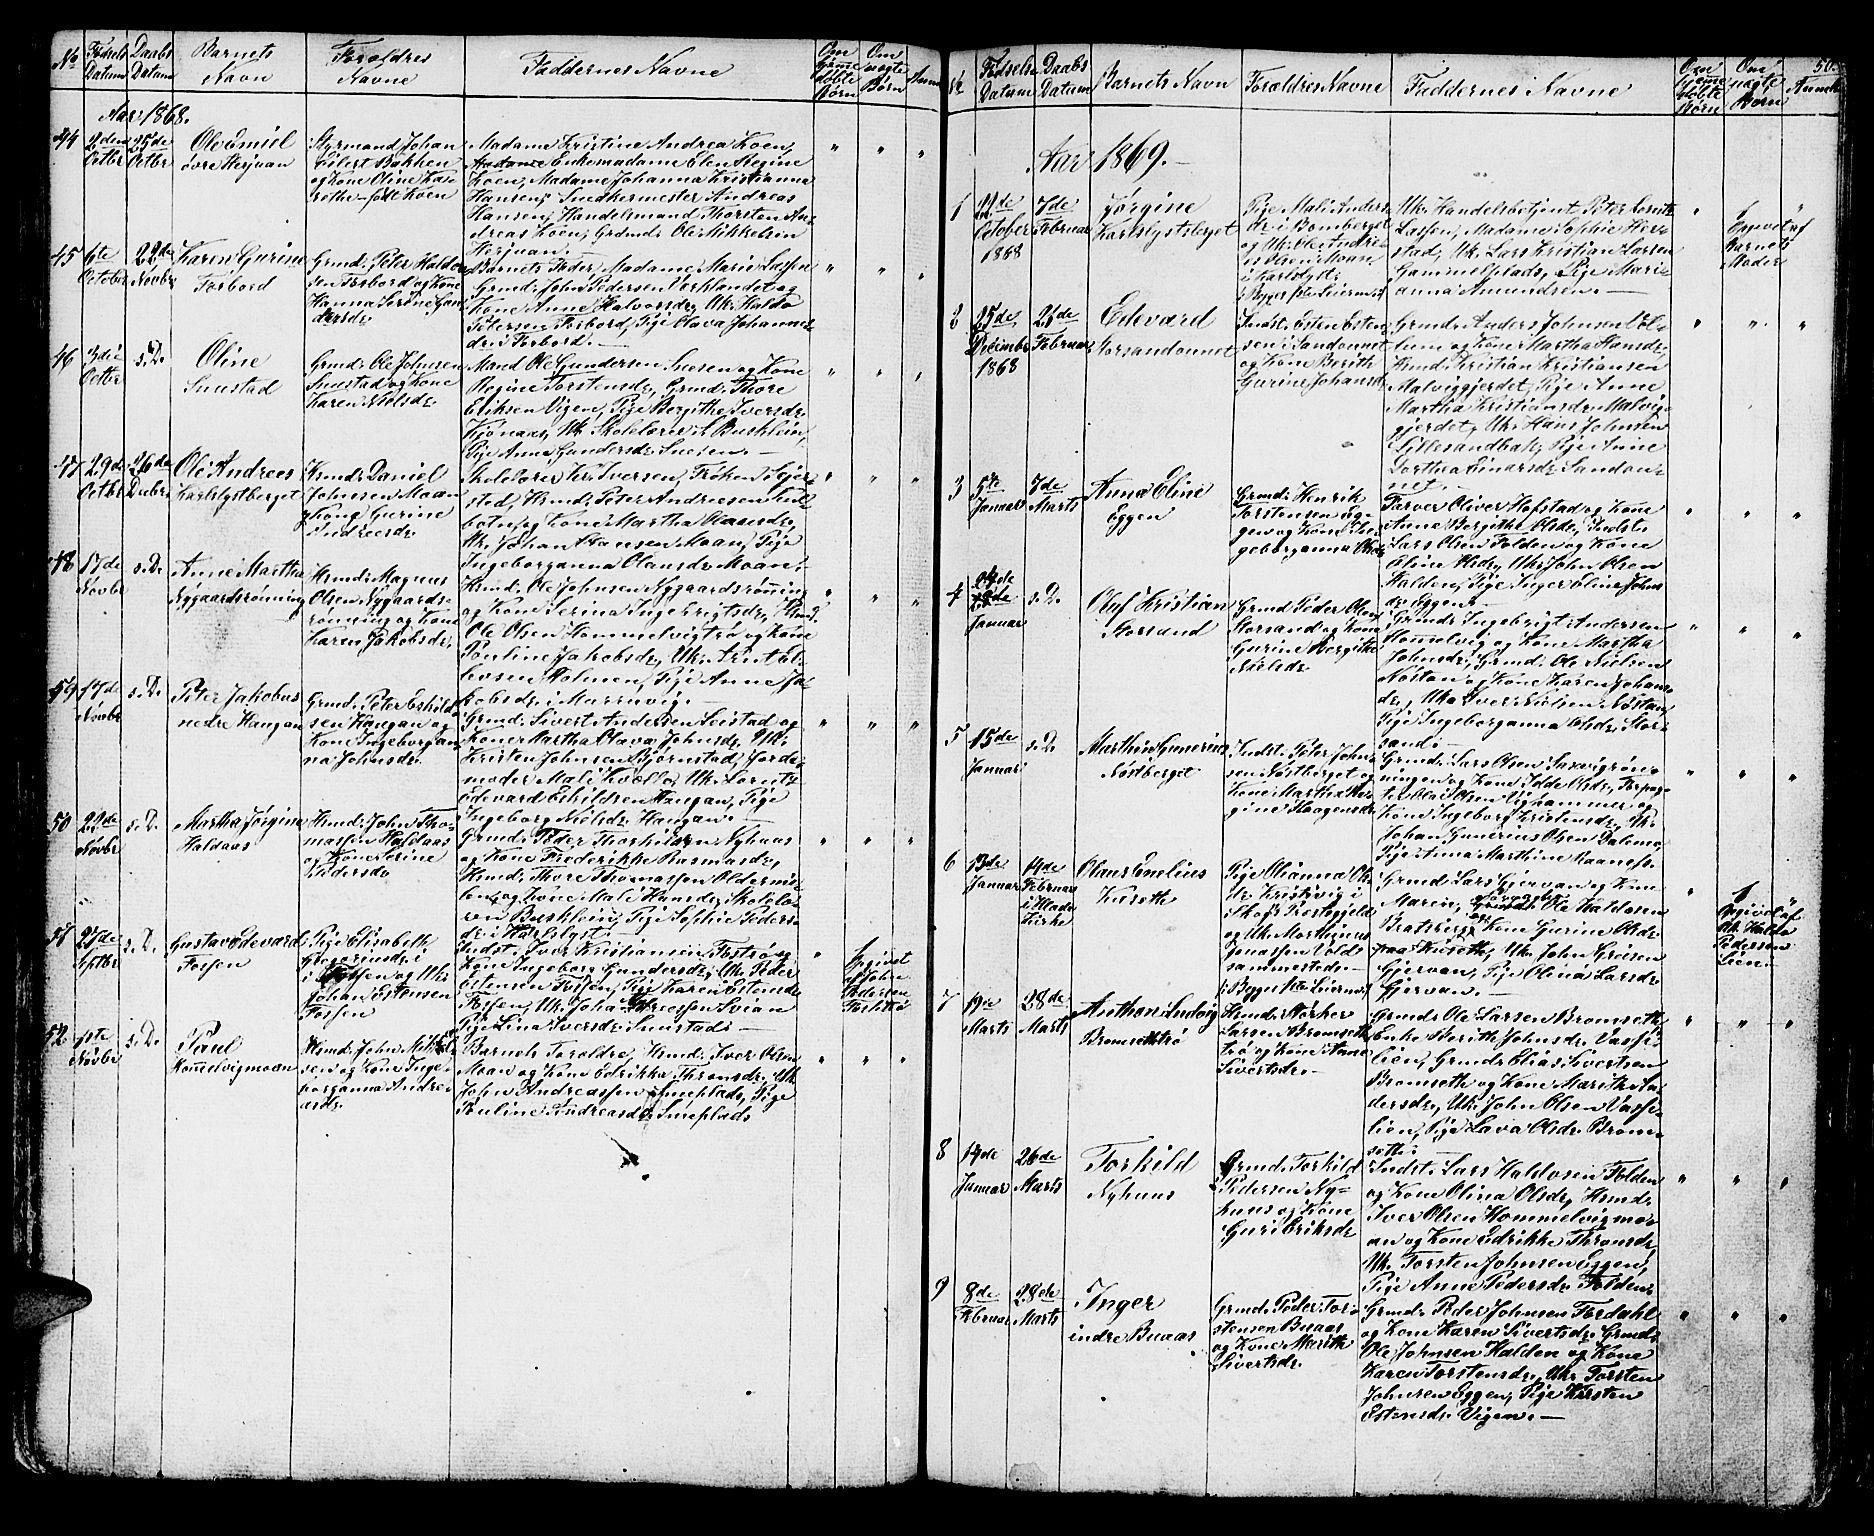 SAT, Ministerialprotokoller, klokkerbøker og fødselsregistre - Sør-Trøndelag, 616/L0422: Klokkerbok nr. 616C05, 1850-1888, s. 50